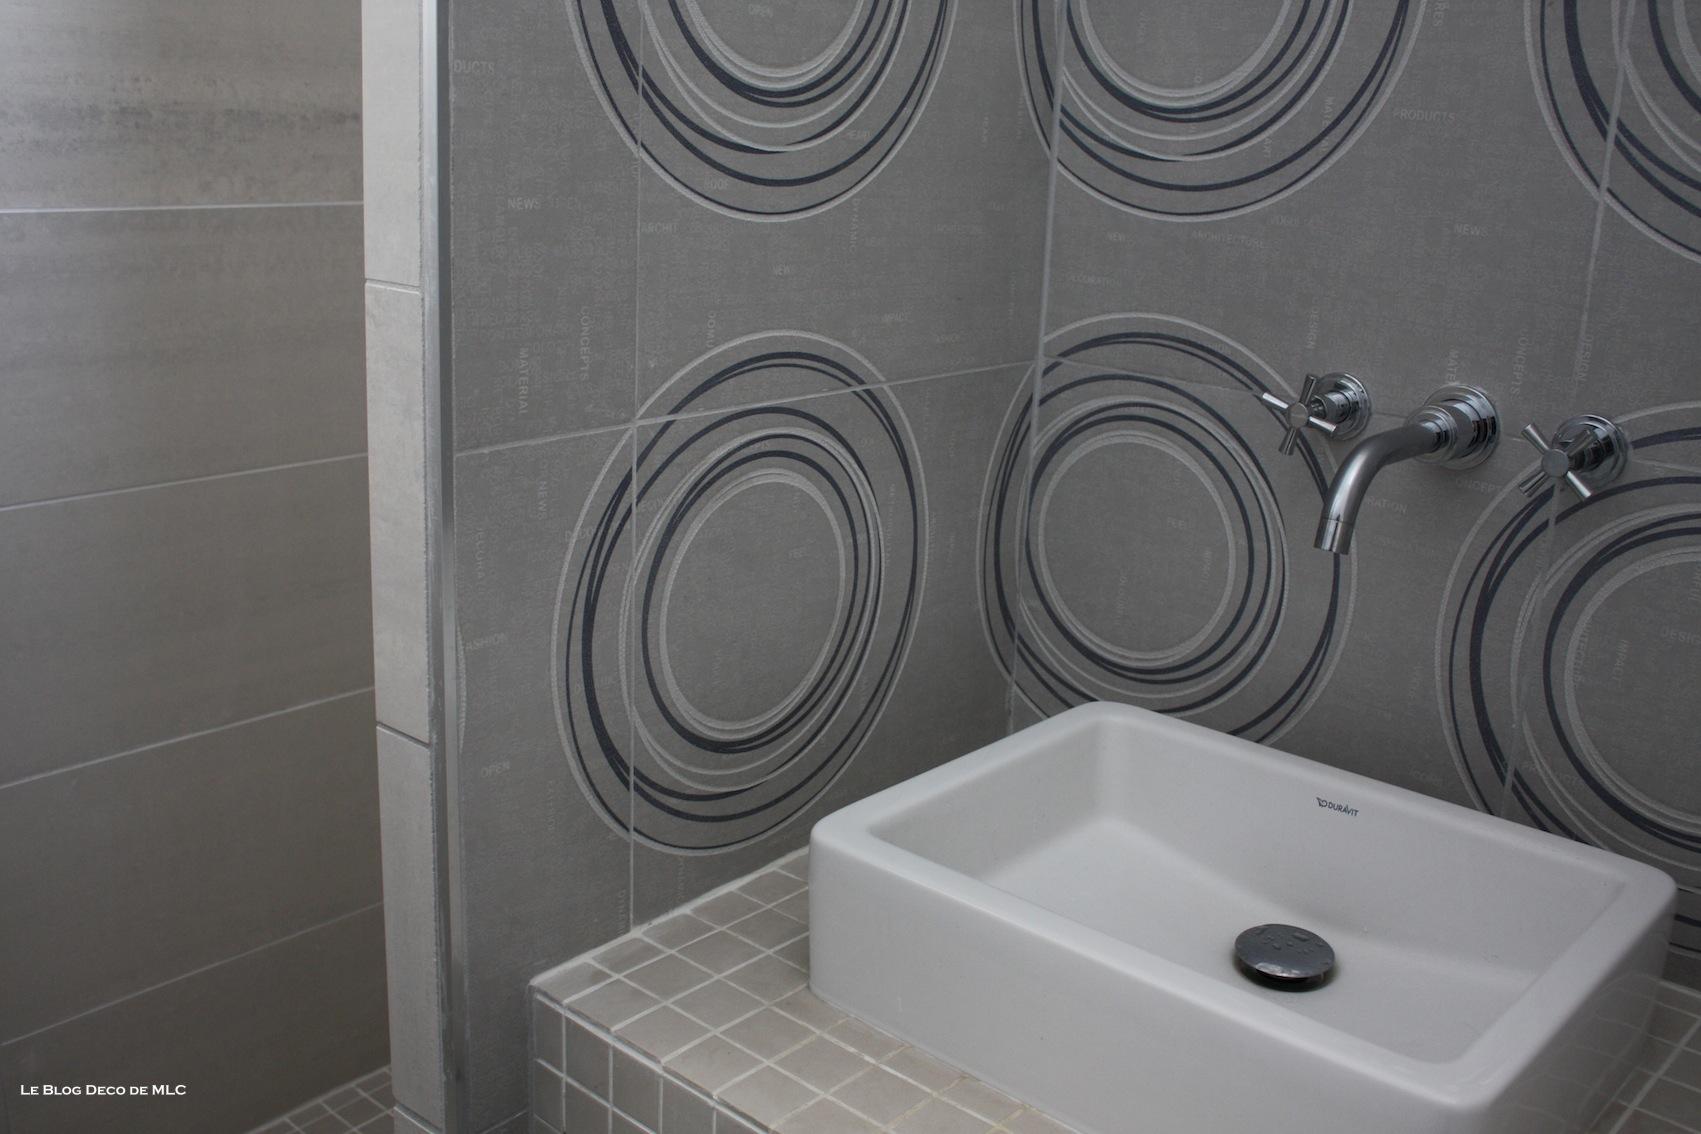 Meuble salle de bain duravit 20170707214019 for Duravit salle de bain